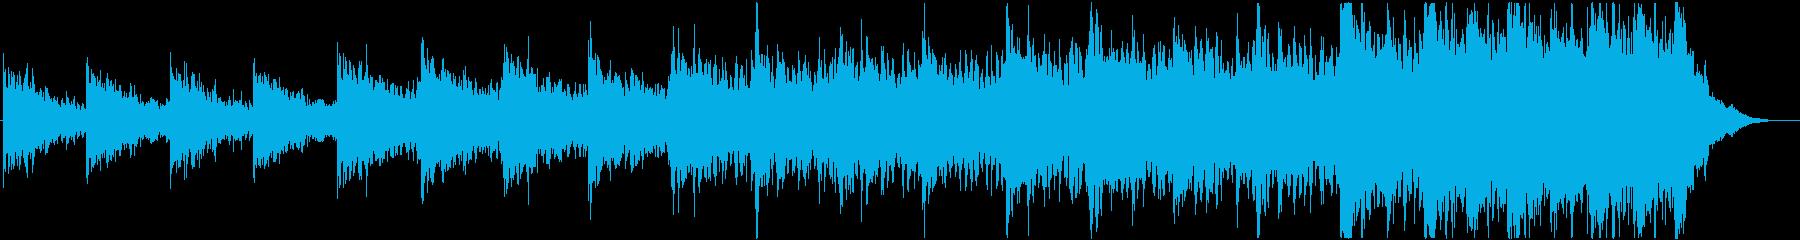 緊迫感のあるシネマティック曲 2-3の再生済みの波形